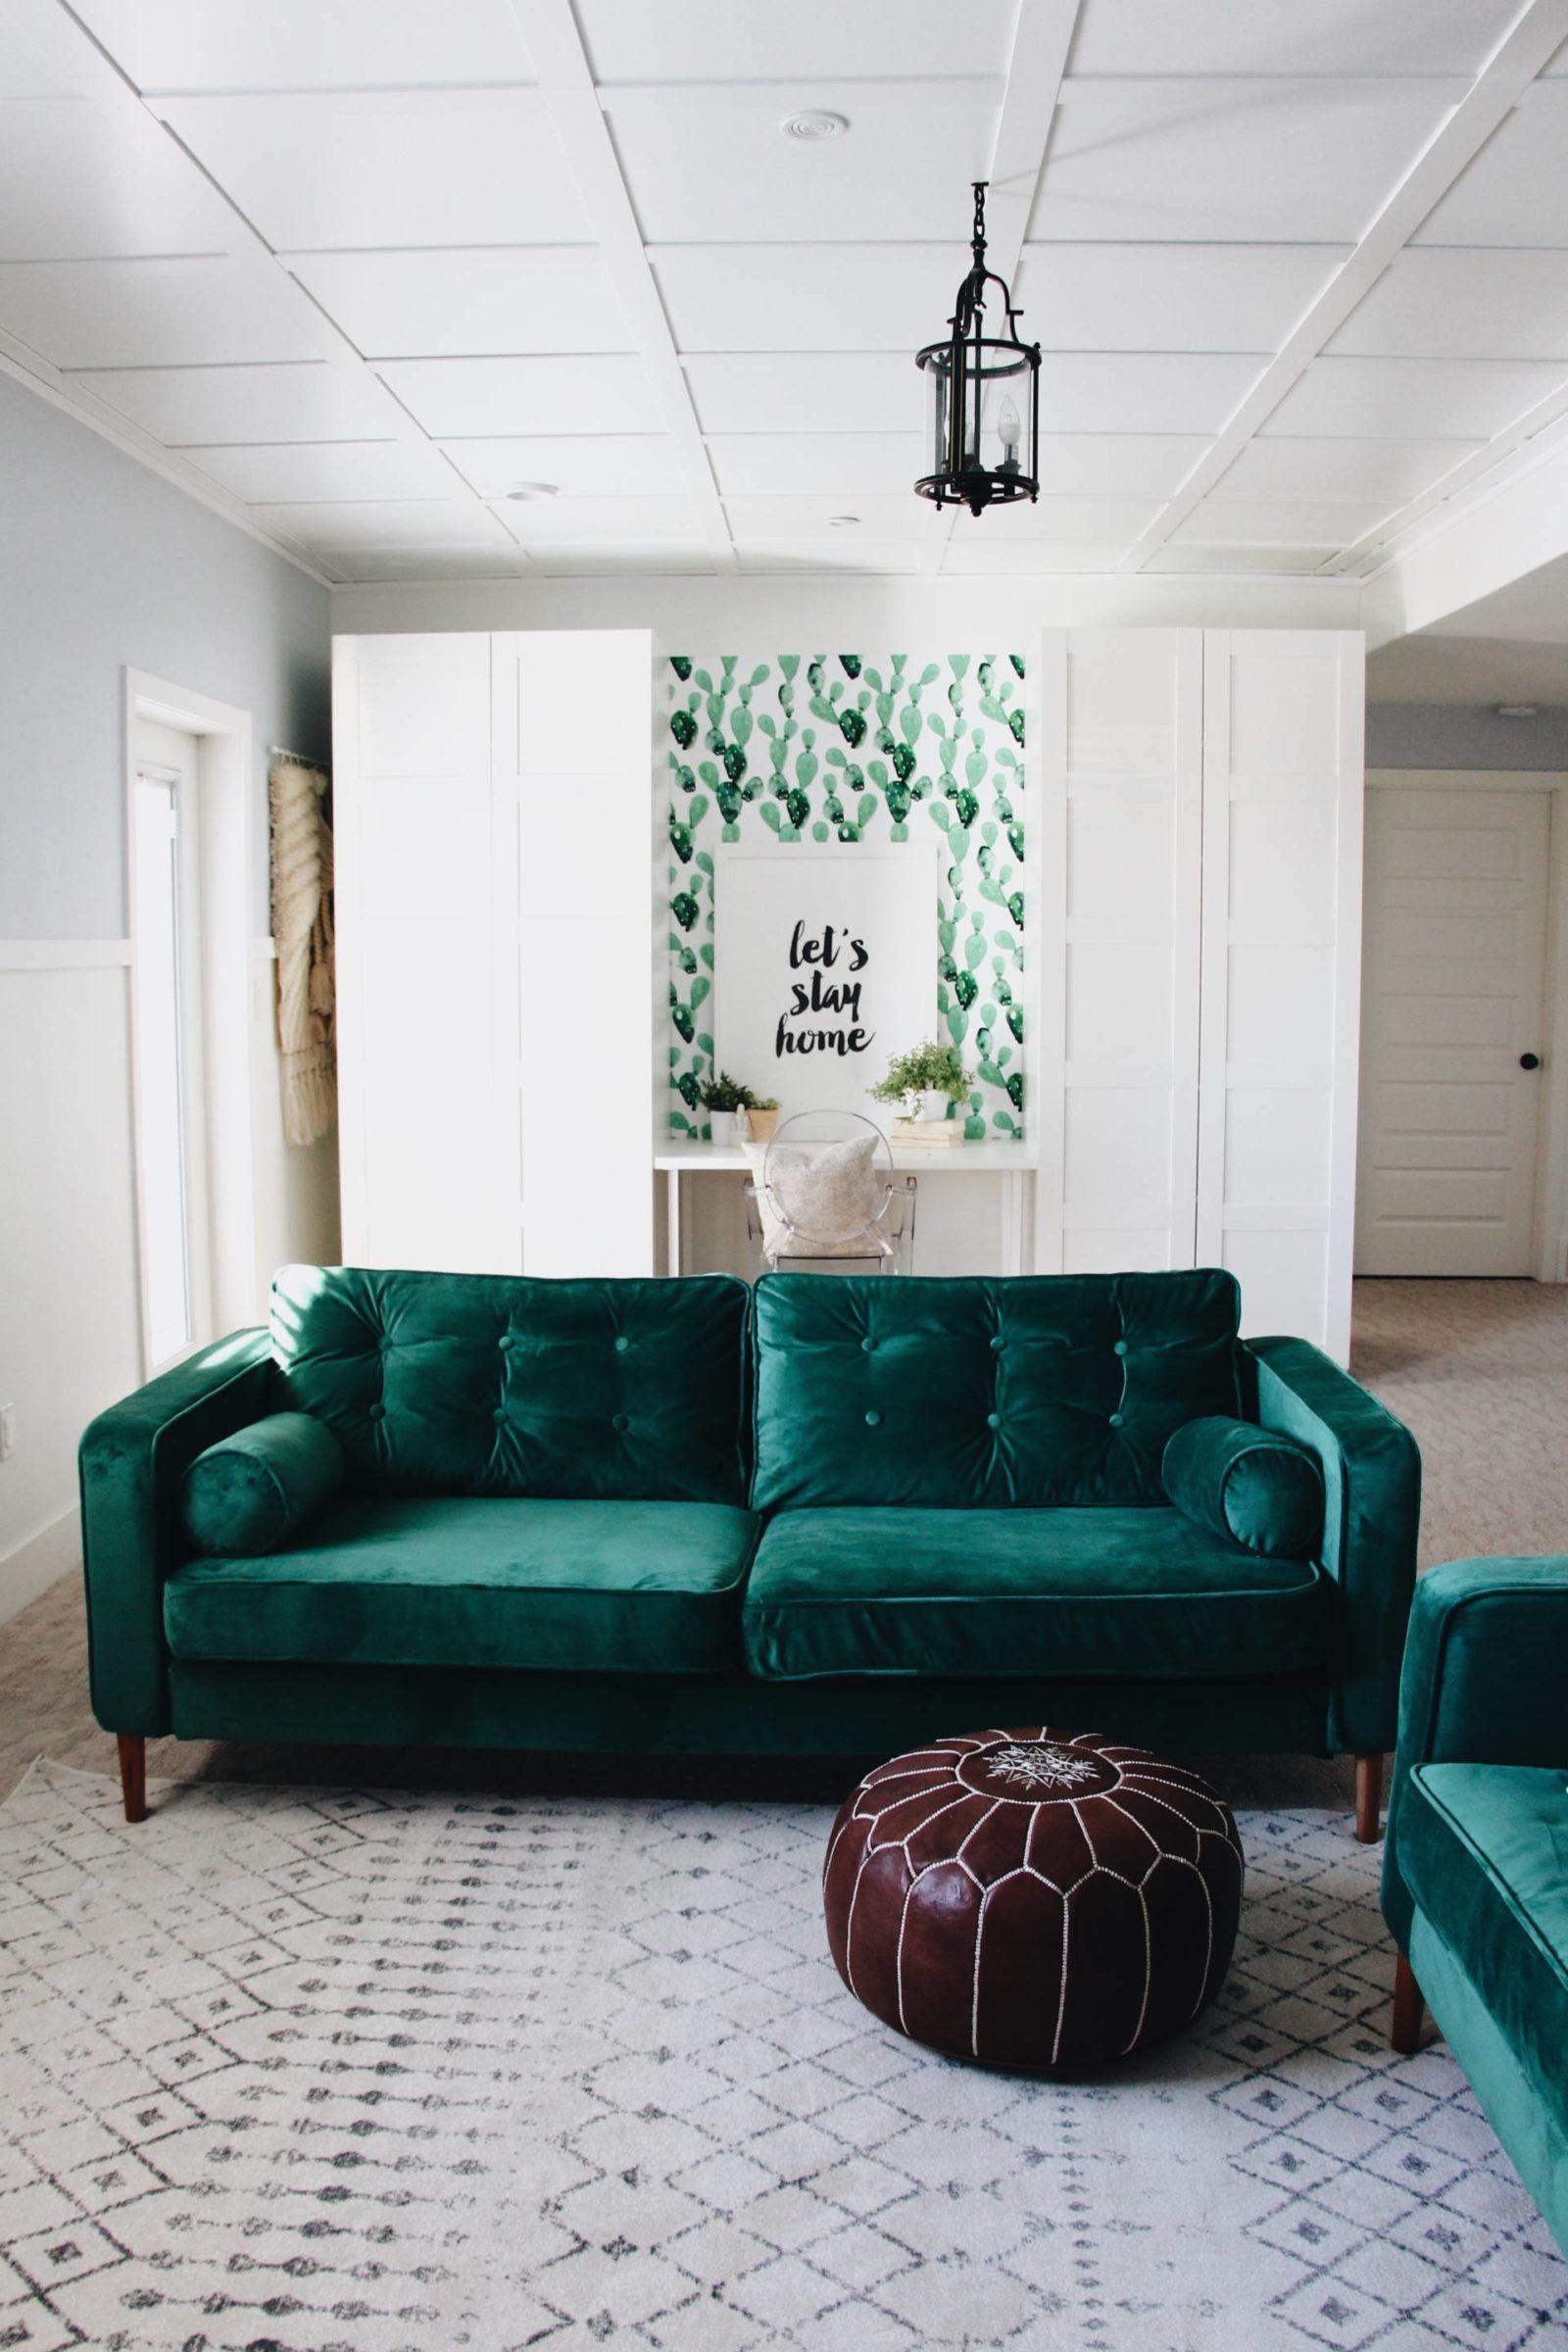 Custom slipcovers in velvet for the Ikea Karlstad from Comfort Works: https://comfort-works.com/en/karlstad-sofa-covers-70